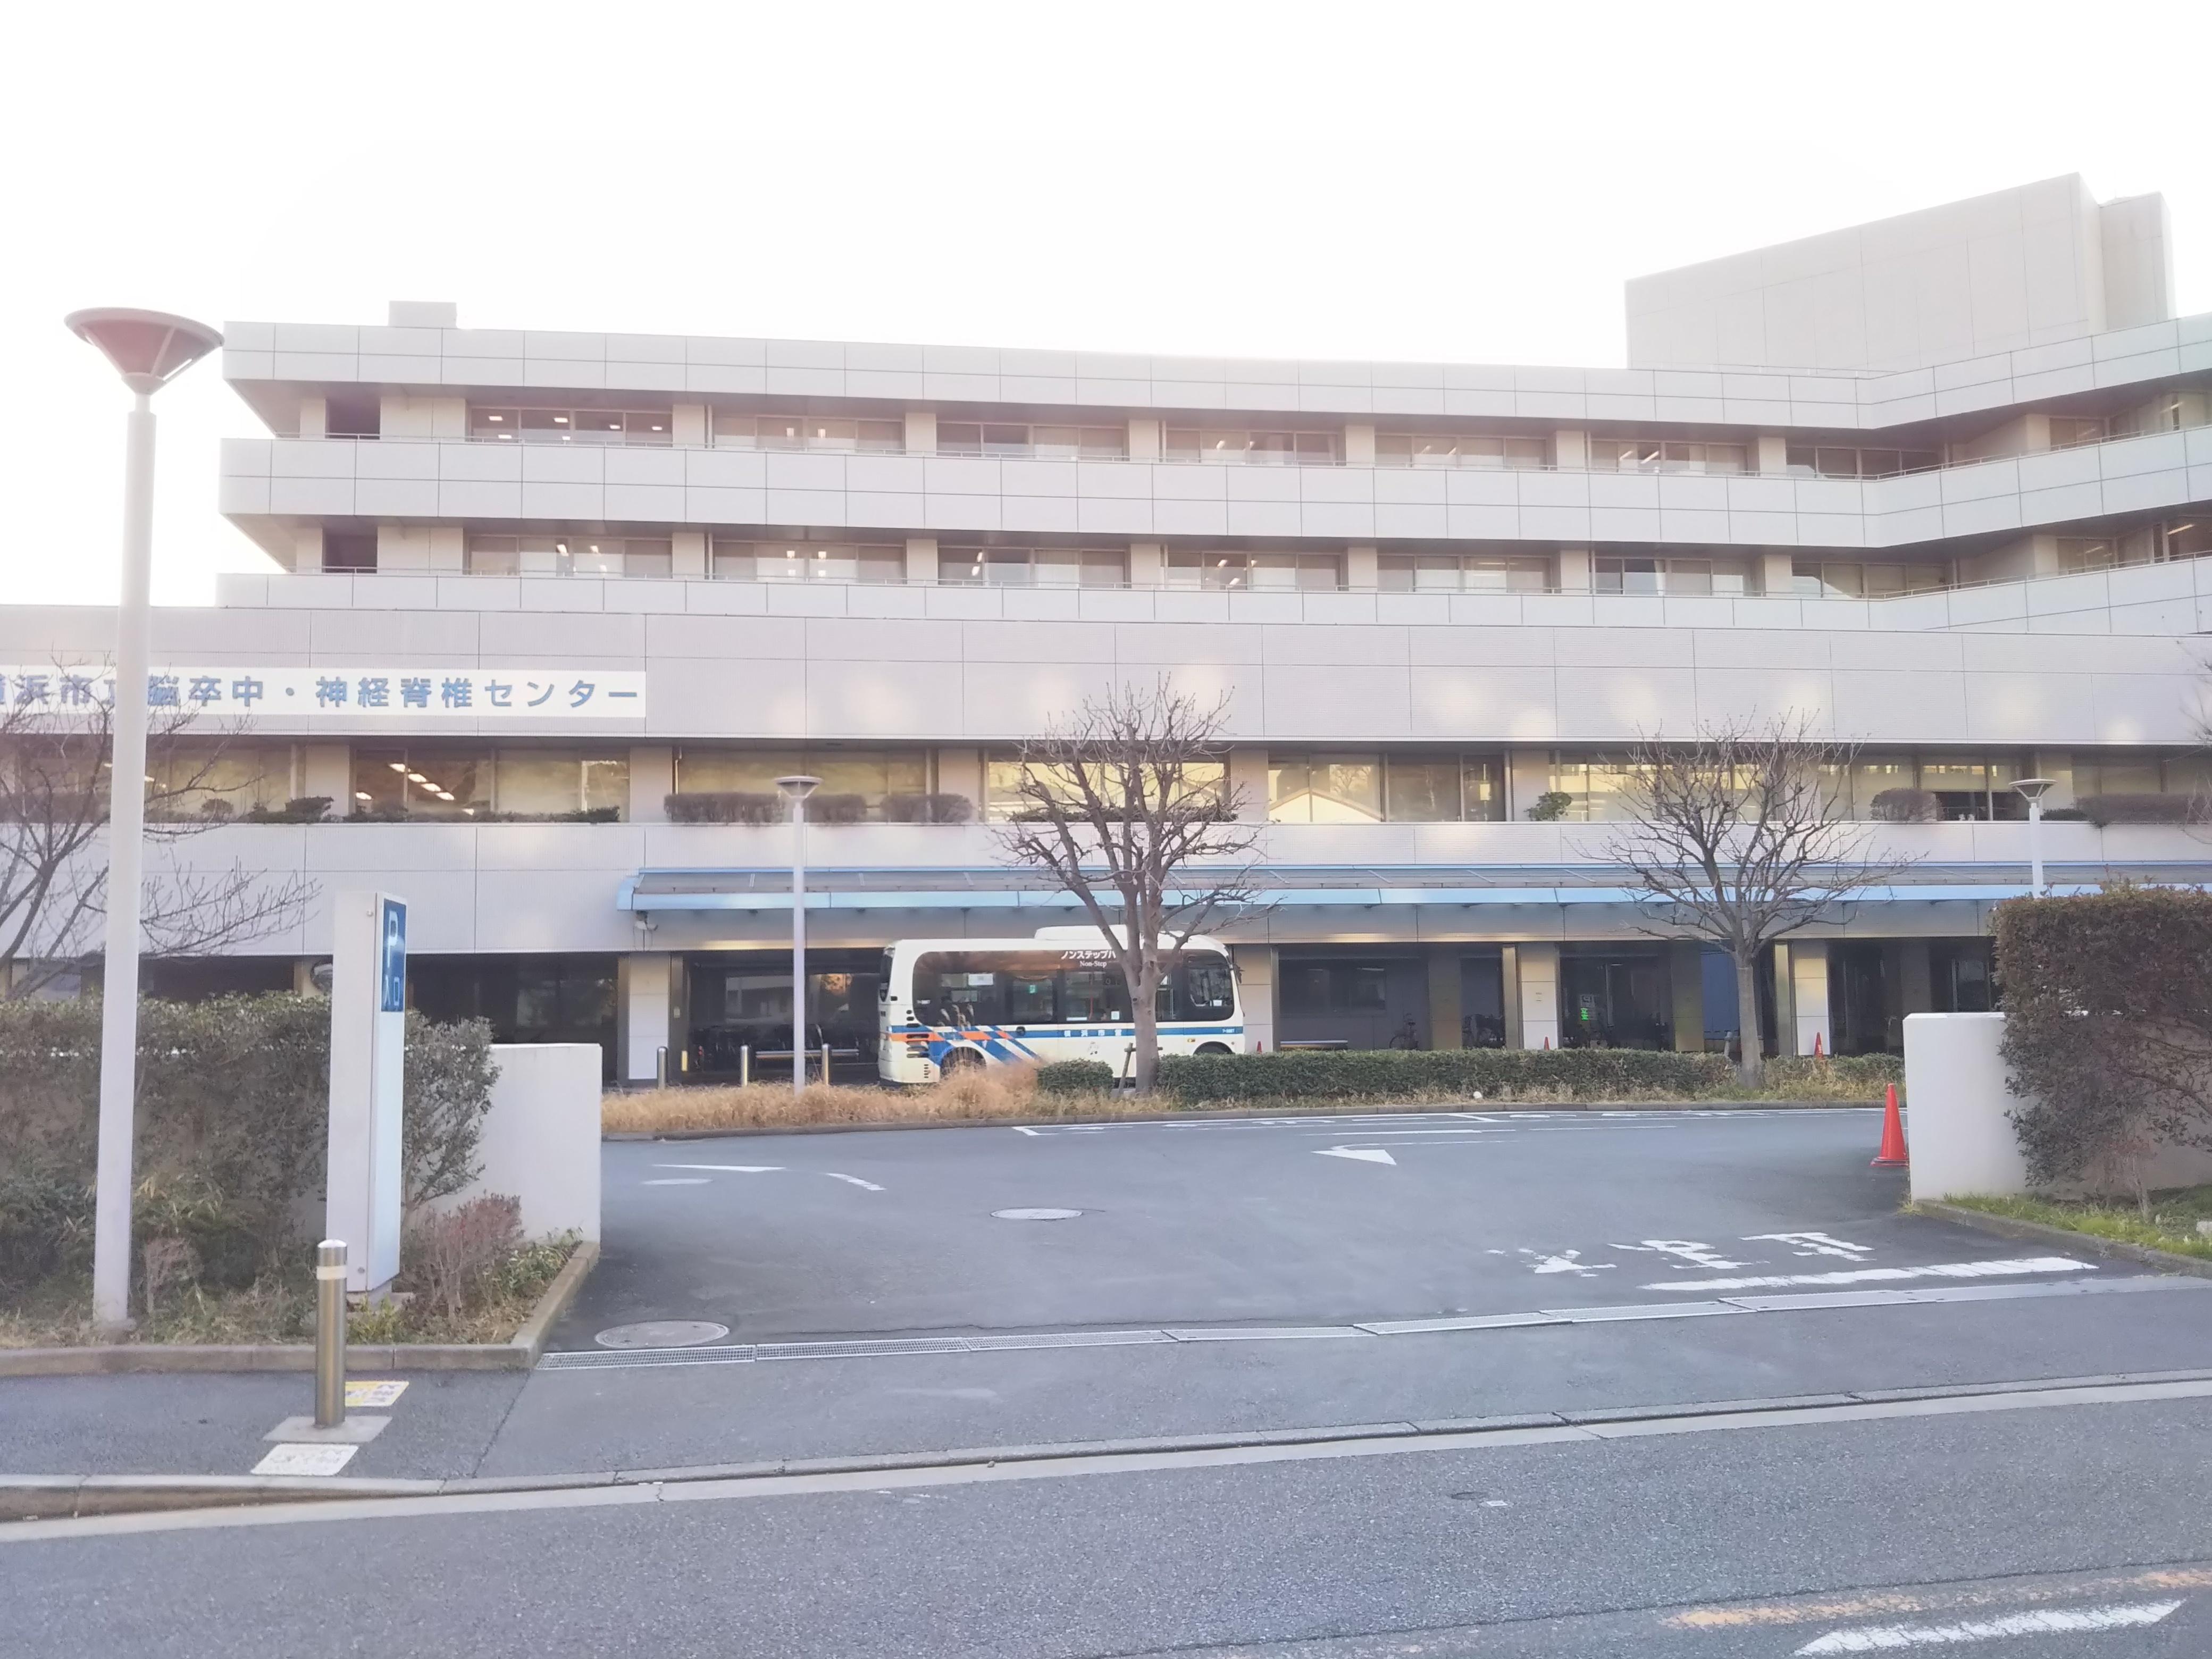 脊椎 脳卒中 センター 横浜 市立 神経